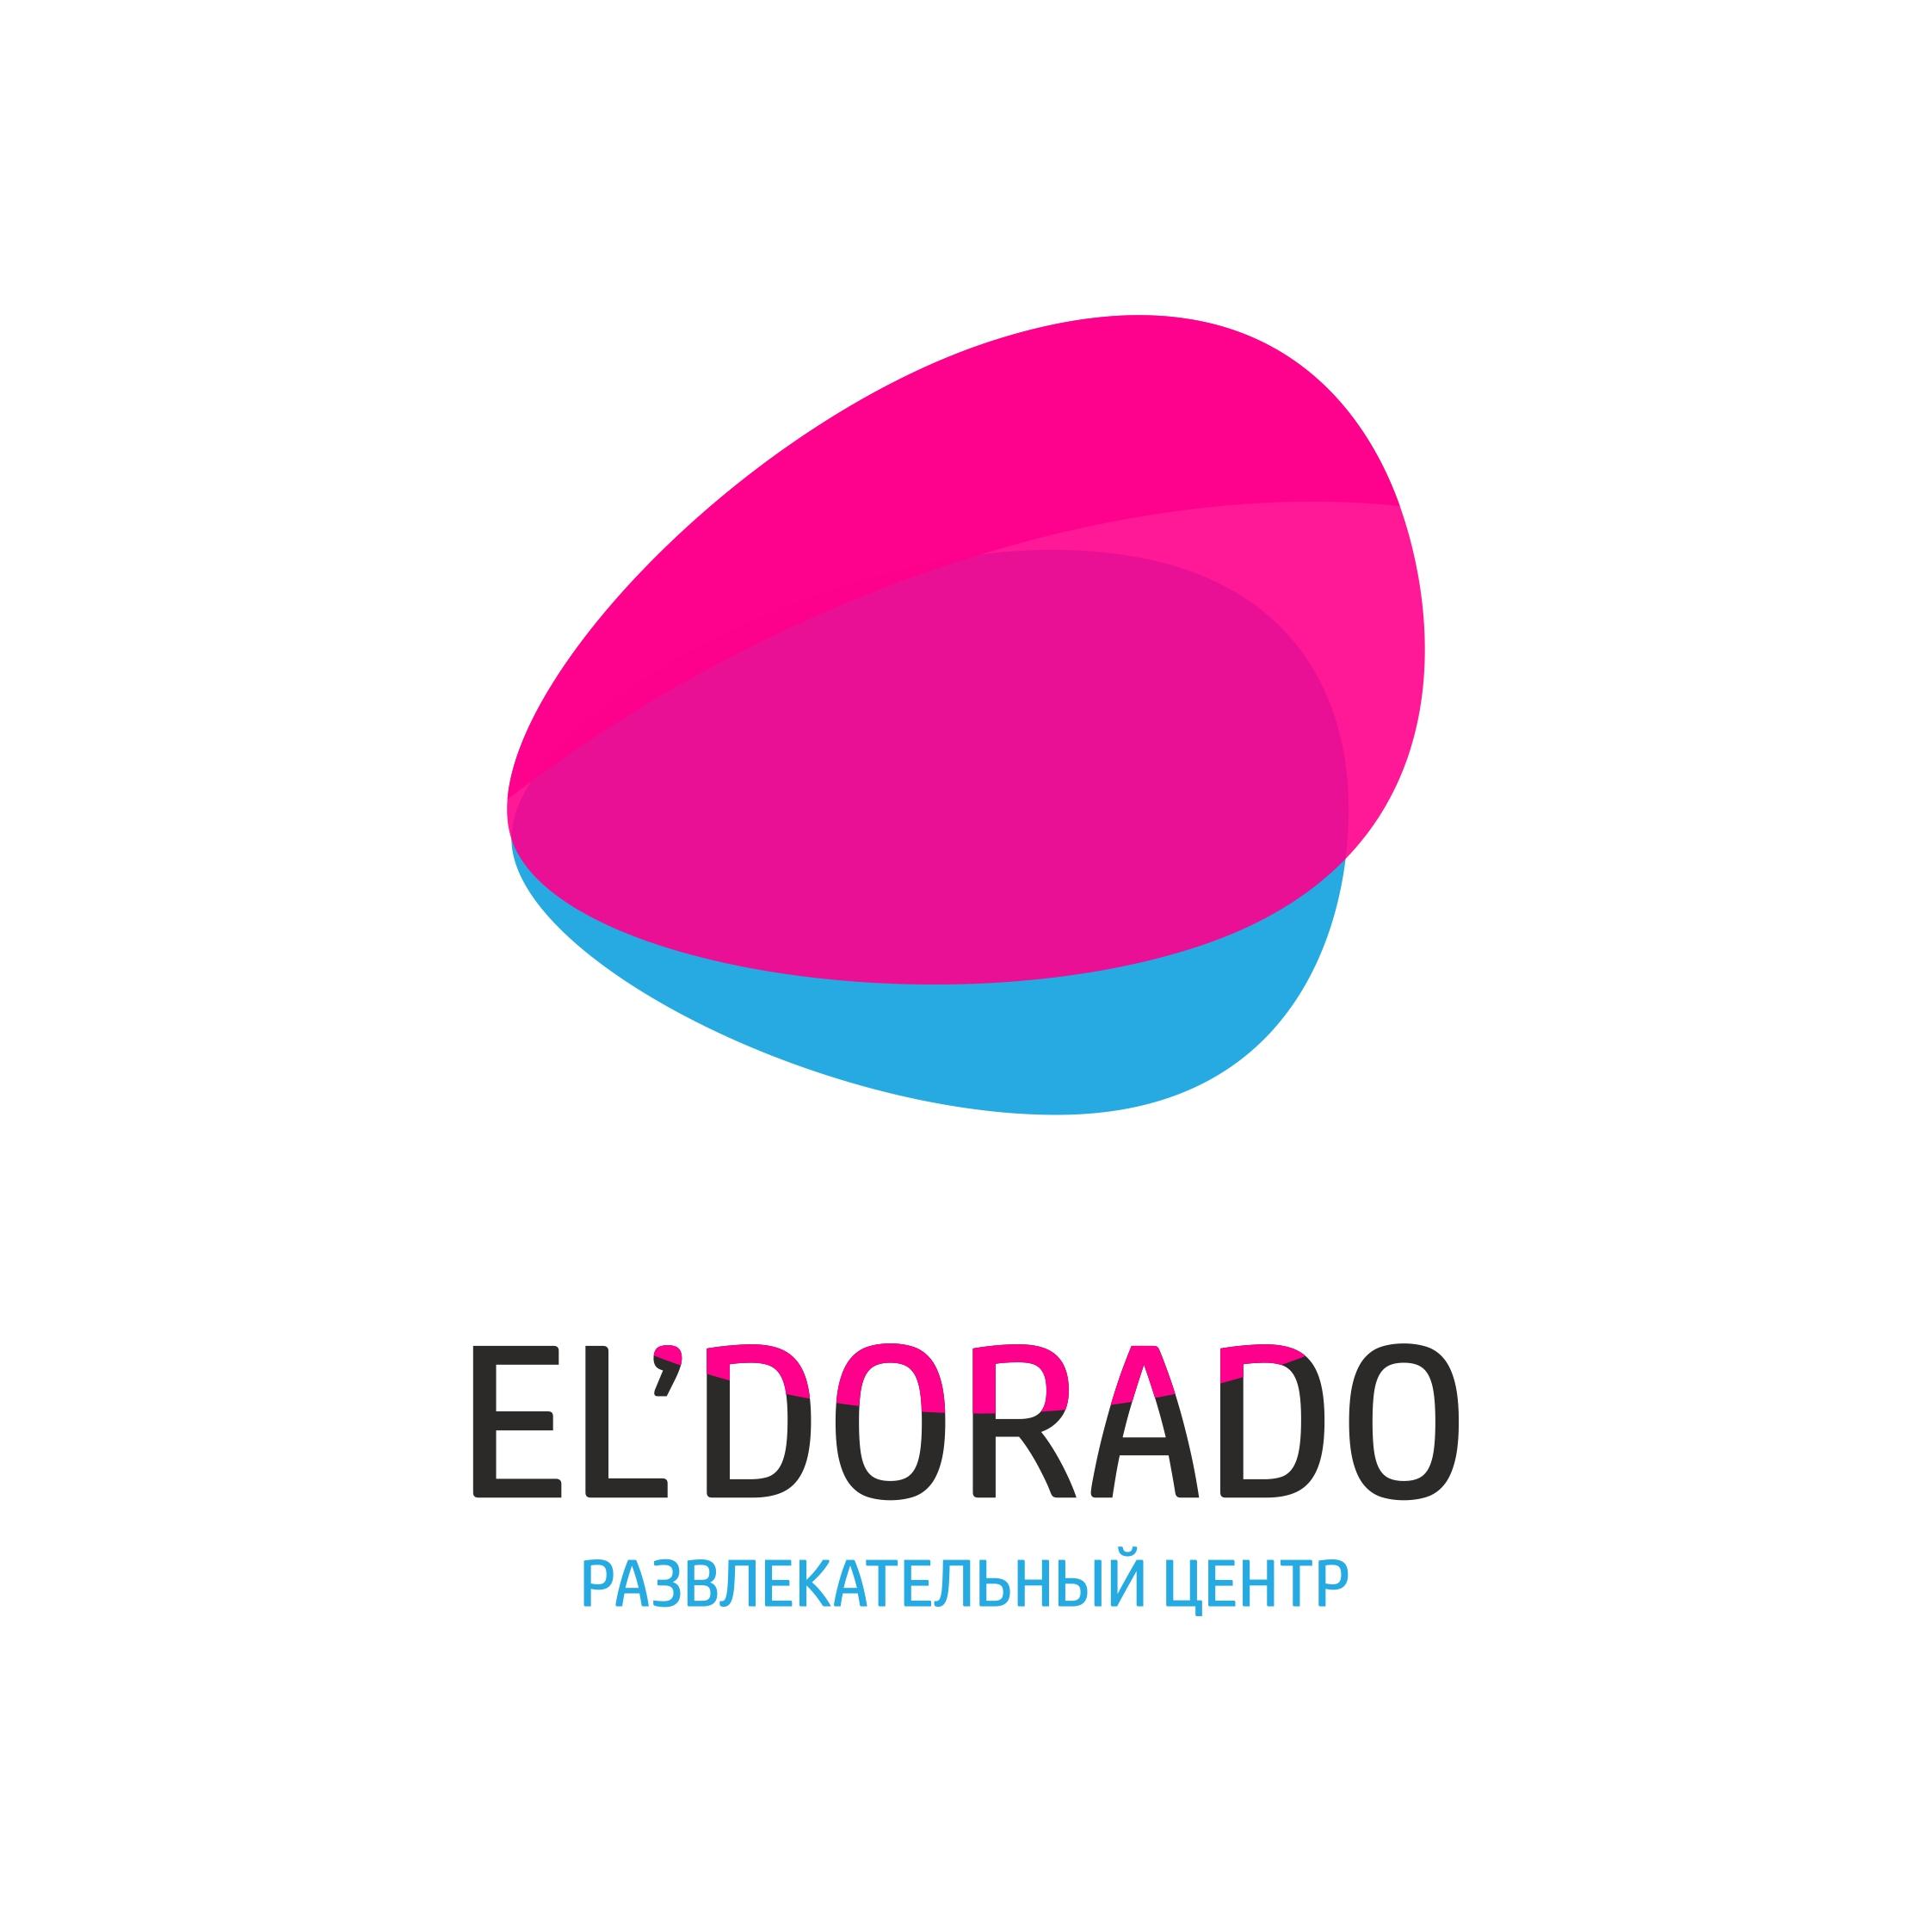 Эльдорадо 3